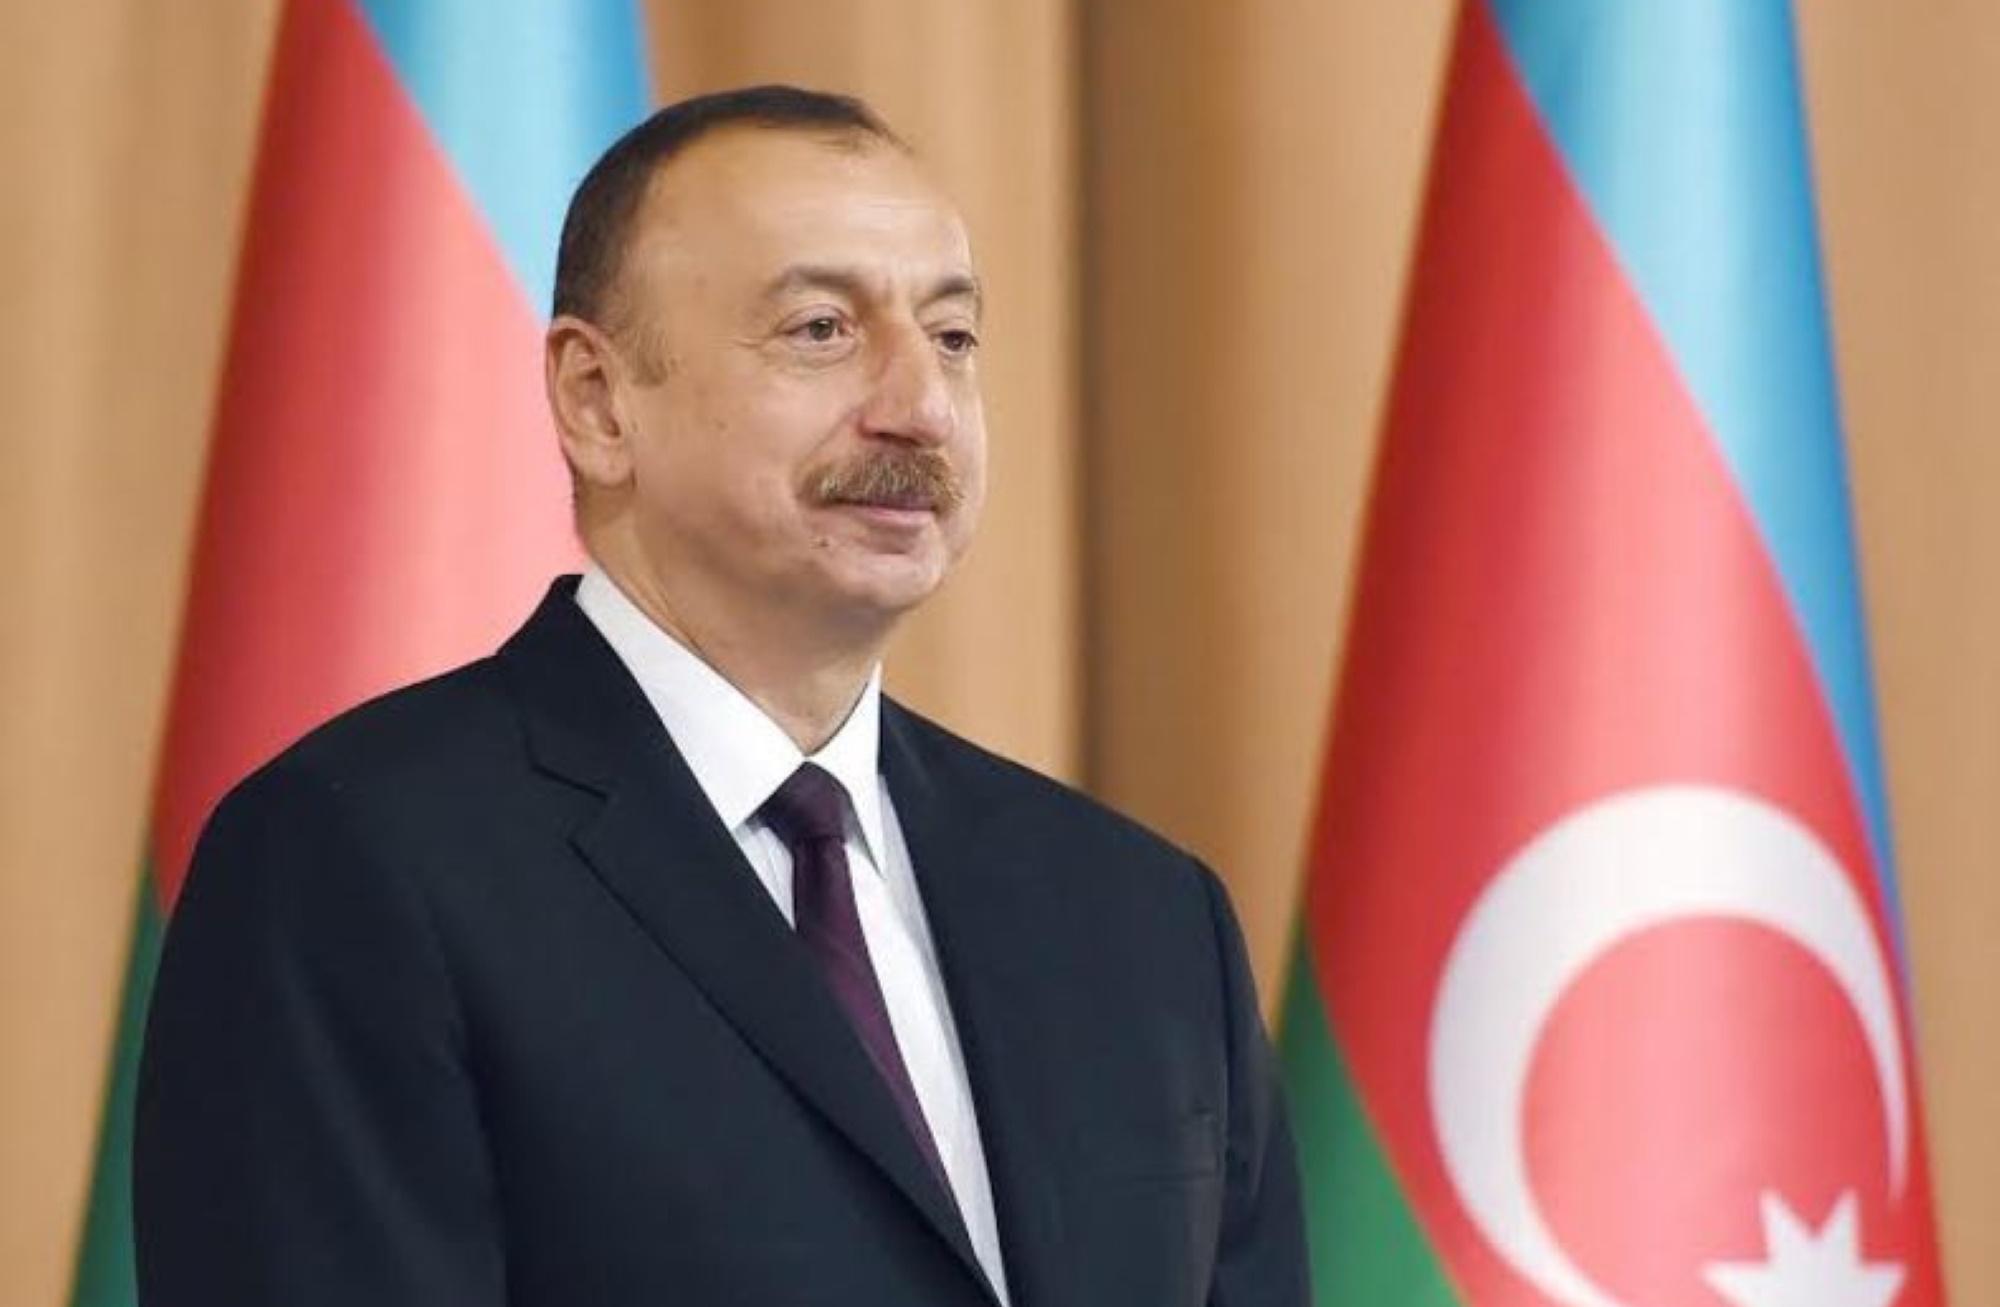 Pomimo wcześniejszej zgody, 18 czerwca prezydent Azerbejdżanu Ilham Alijew odmówił uczestnictwa w paradzie zwycięstwa w rozmowie telefonicznej z Putinem za powód podał krajowy reżim sanitarny jako przyczynę swojej nieobecności. Fot. Oficjalne mat. kancelarii prezydenta Azerbejdżanu/wikimedia, licencja CC BY 2.0